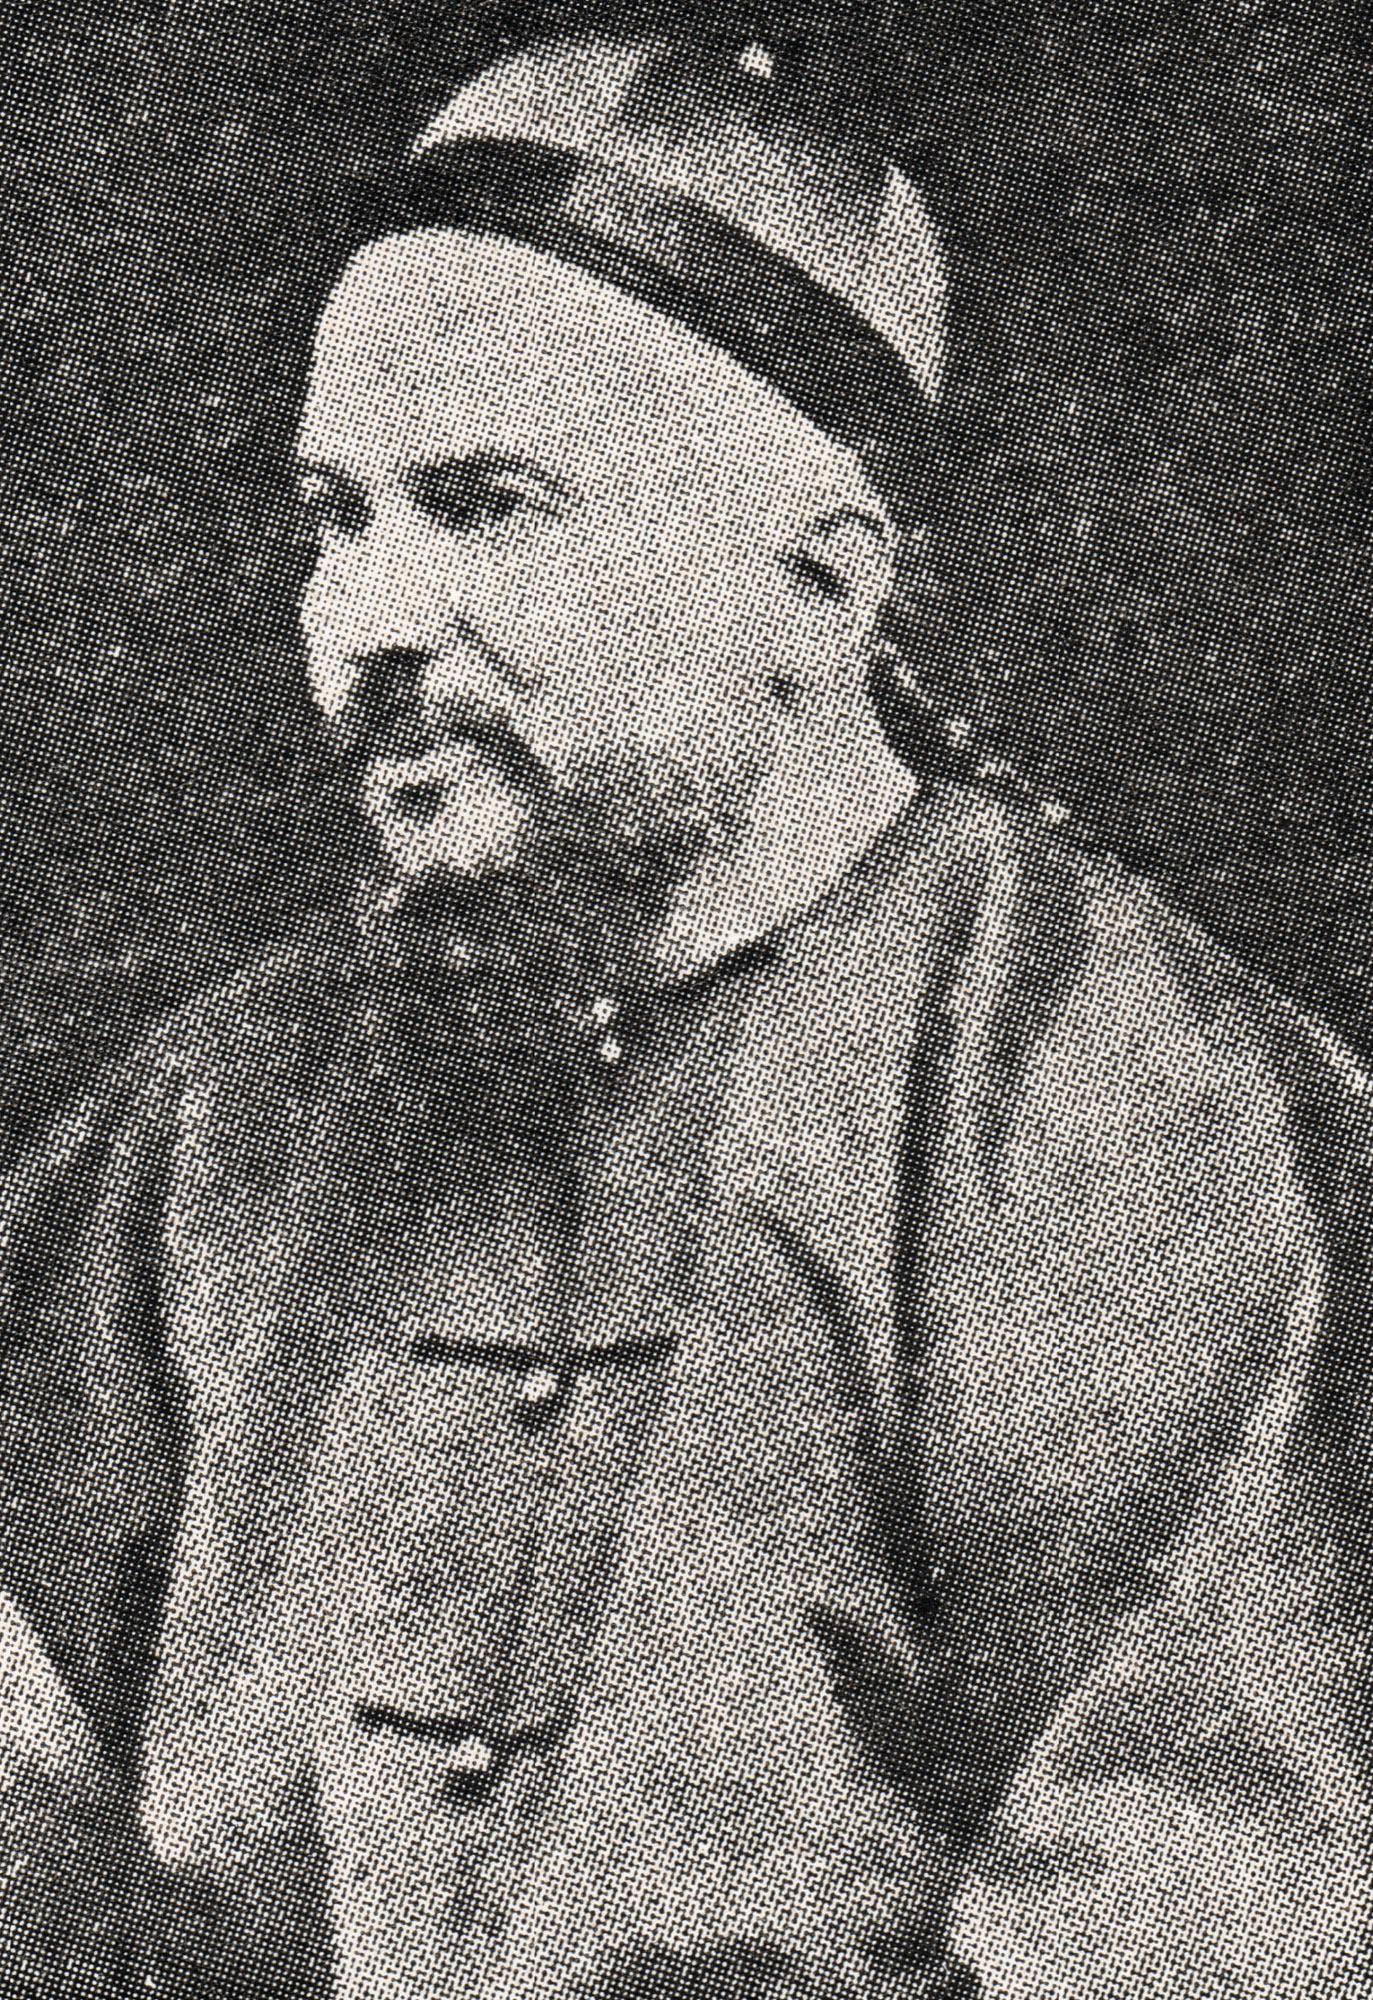 Nel XIX° secolo padre Nivardo fu pioniere di ecumenismo e inculturazione: dal Puy alla Cina